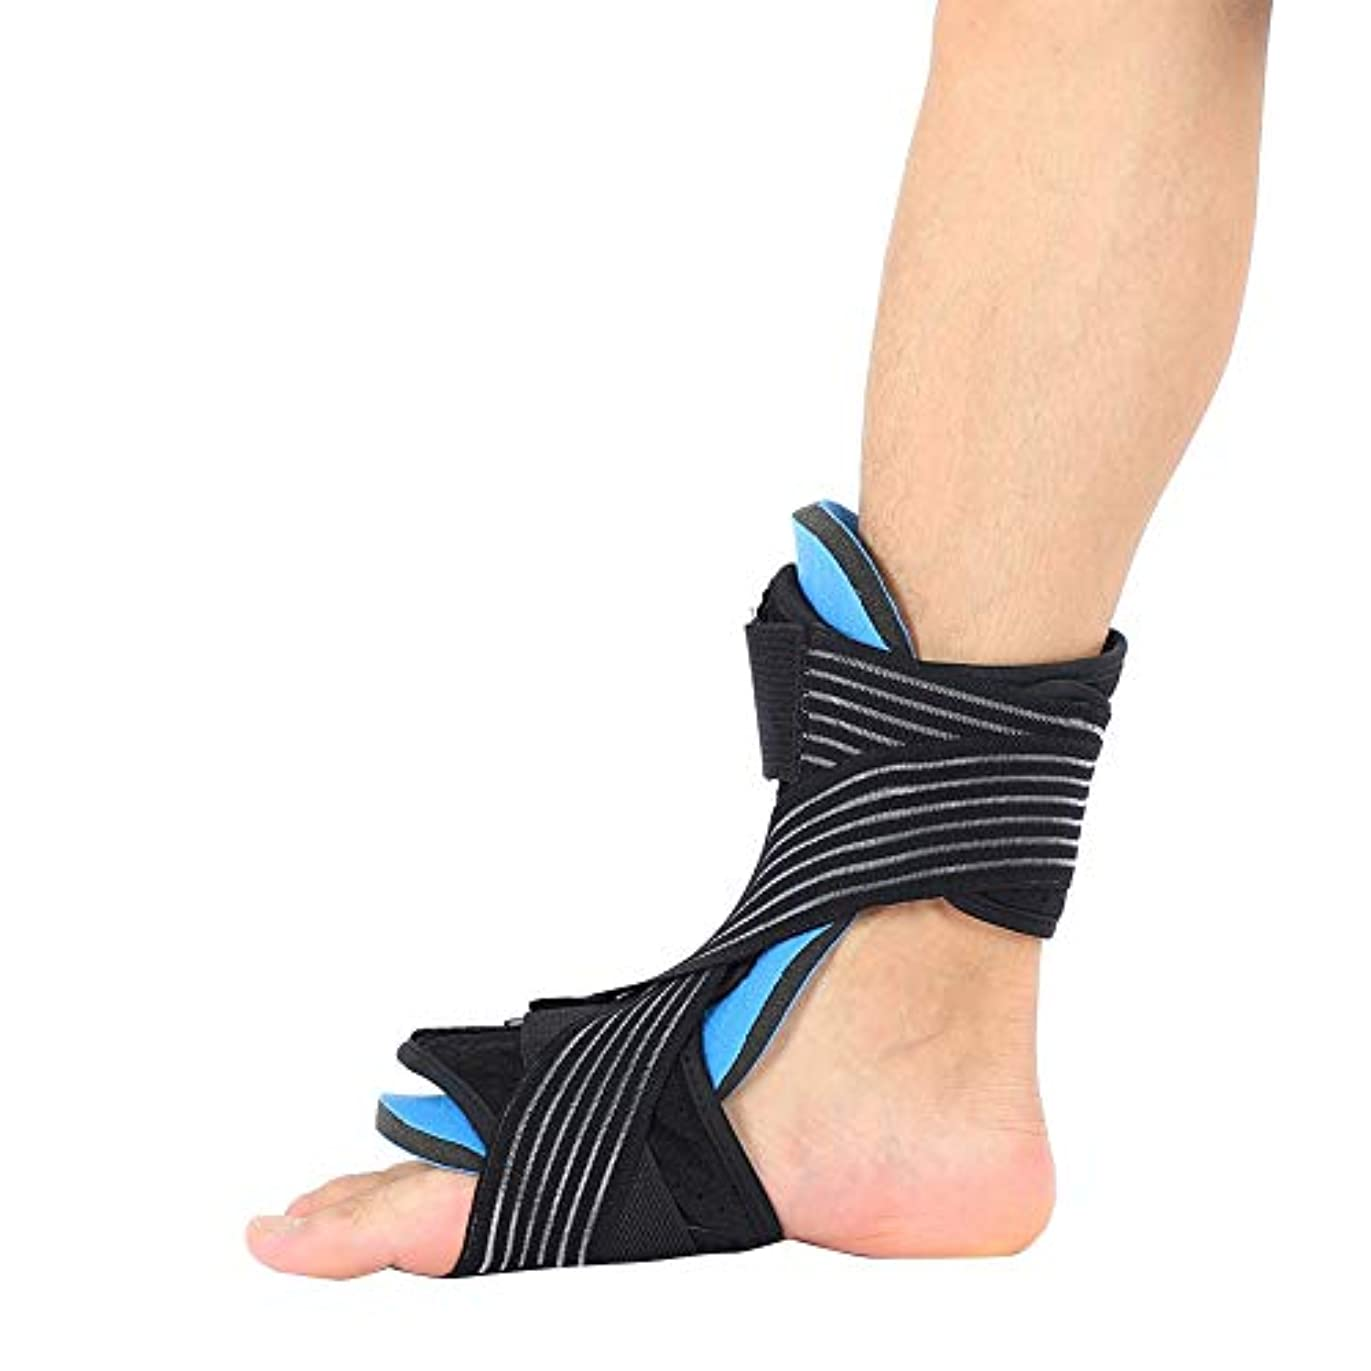 再生可能信頼できる灰足ドロップブレース補正、救済足底筋膜炎のための調節可能なフットドロップ矯正装具ツール(2#)